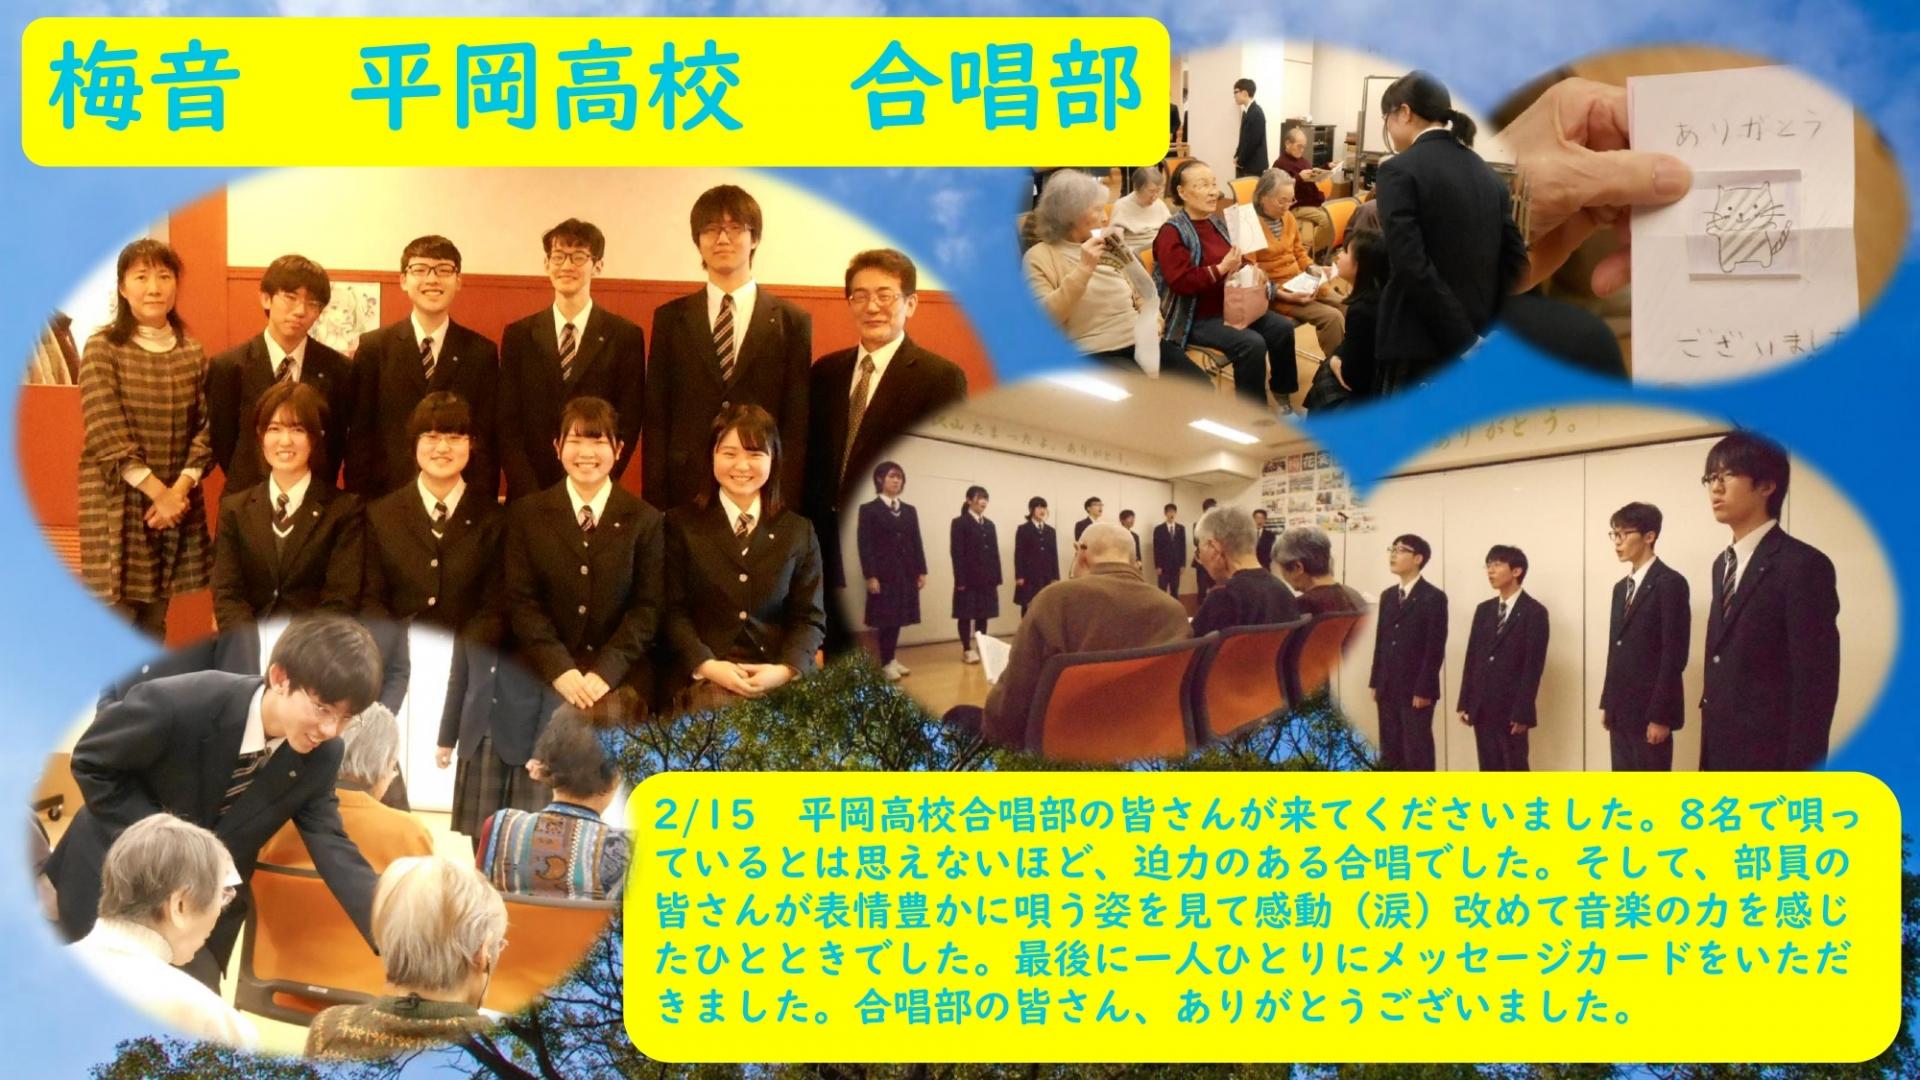 2月15日の第446回 梅花実音楽会(通称:梅音)では、平岡高校の合唱部の皆さんに来ていただき音楽の力を感じました。